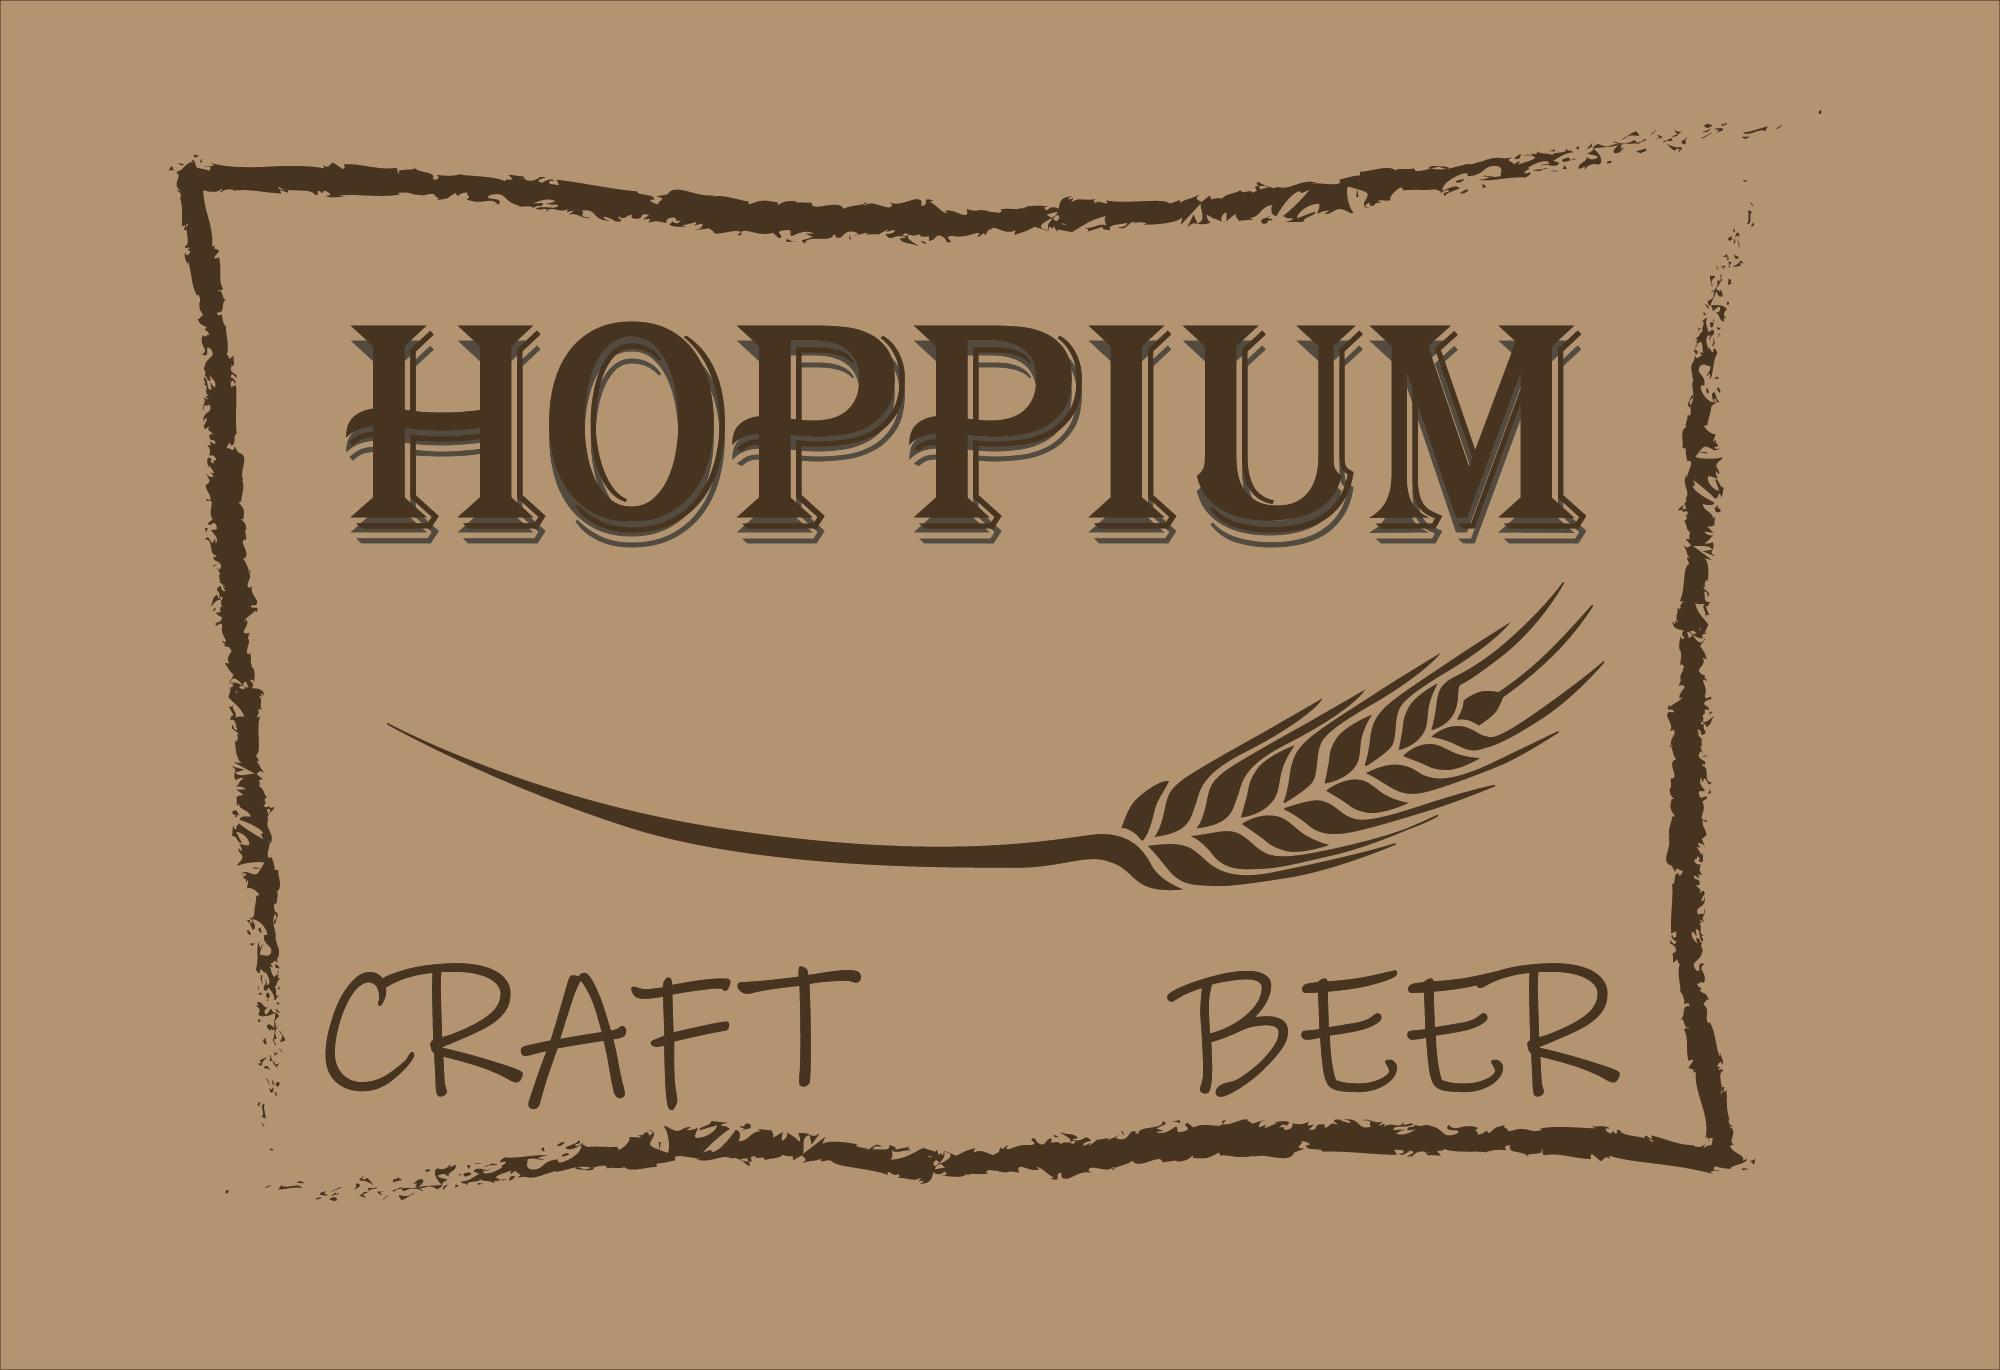 Логотип + Ценники для подмосковной крафтовой пивоварни фото f_3545dc02a6d8bbf8.jpg